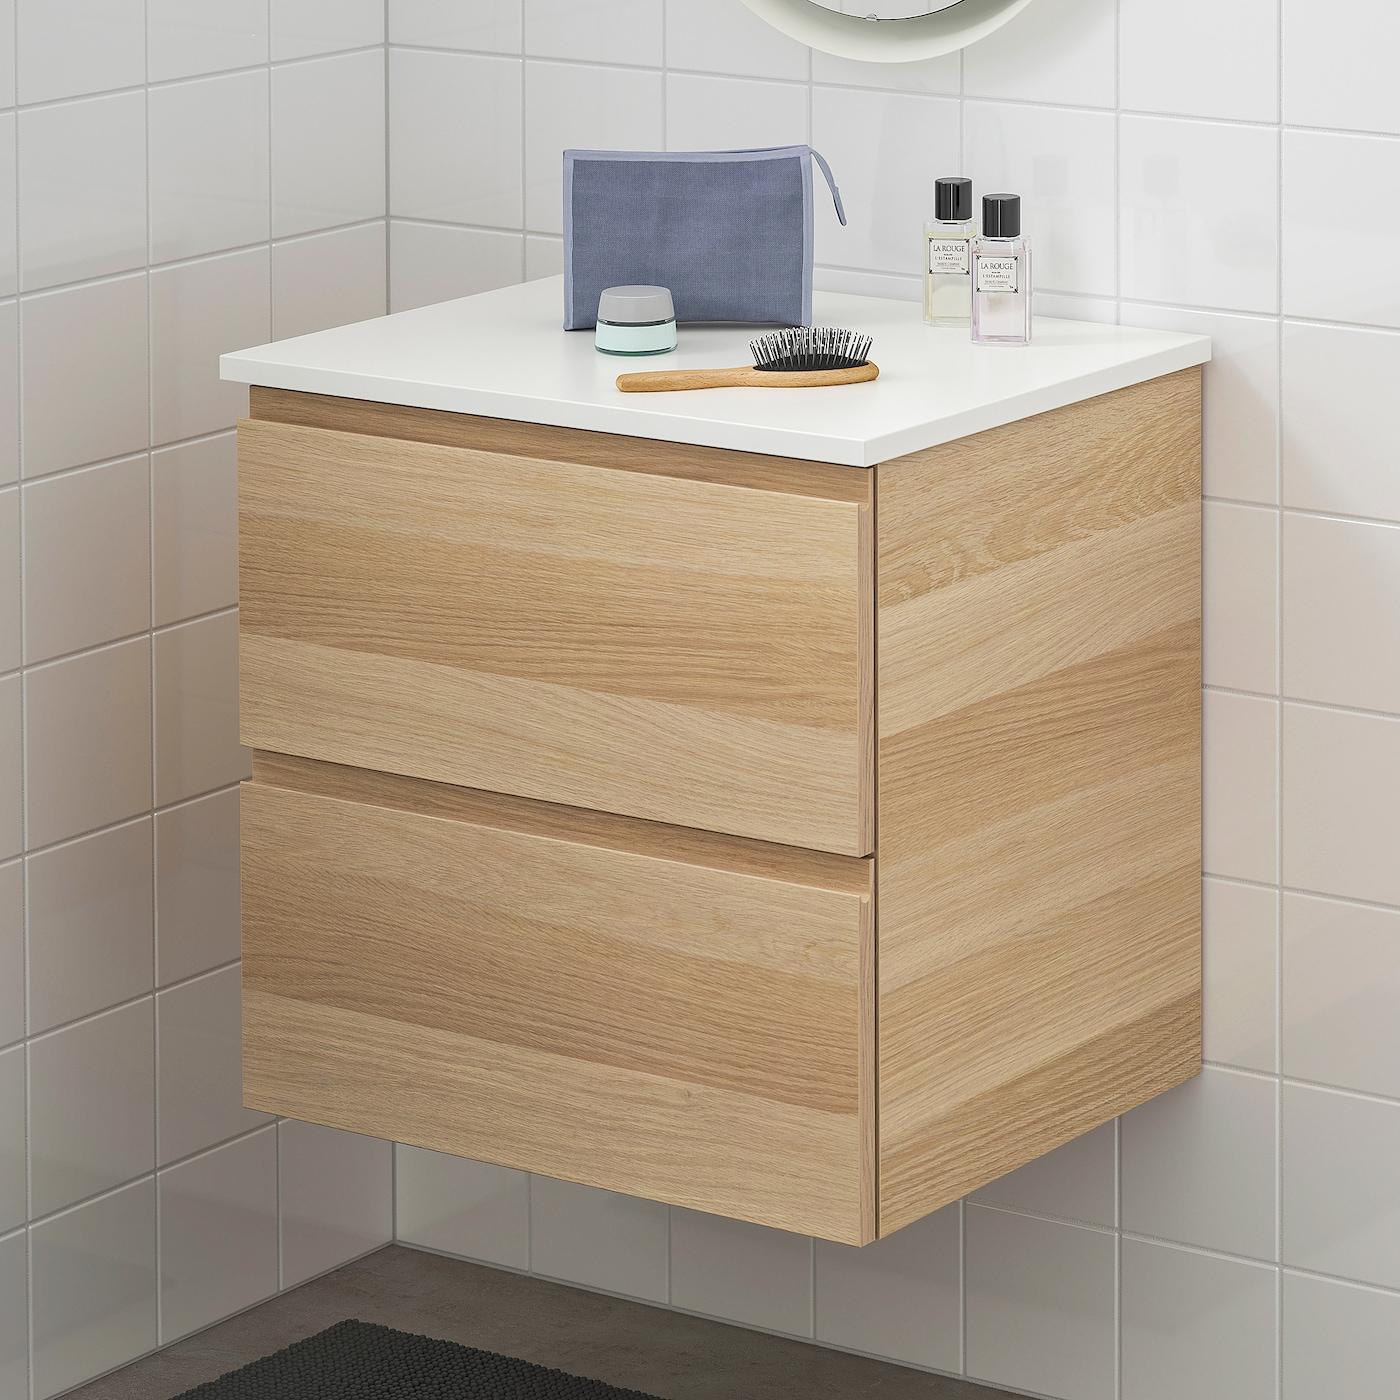 Picture of: Godmorgon Tolken Skab Til Vask Med 2 Skuffer Egetraesmonster Med Hvid Bejdse Hvid 62x49x60 Cm Ikea